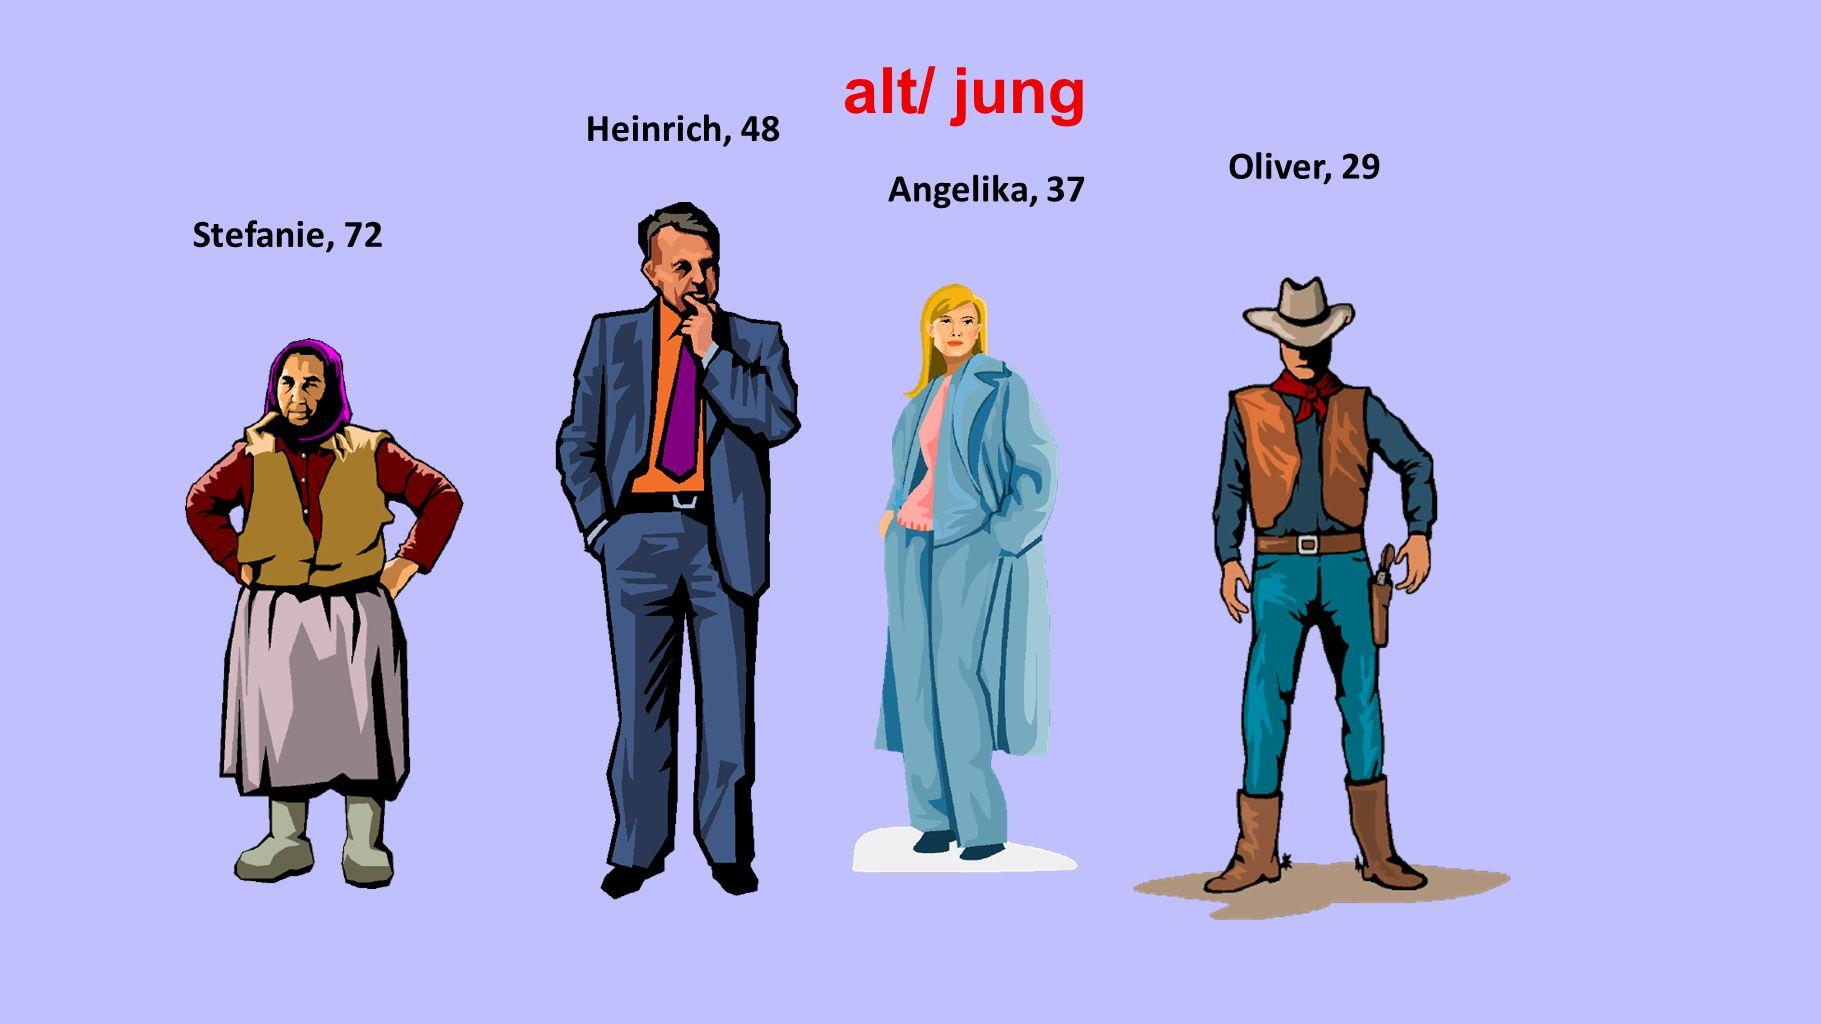 Stefanie, 72 Heinrich, 48 Angelika, 37 Oliver, 29 alt/ jung